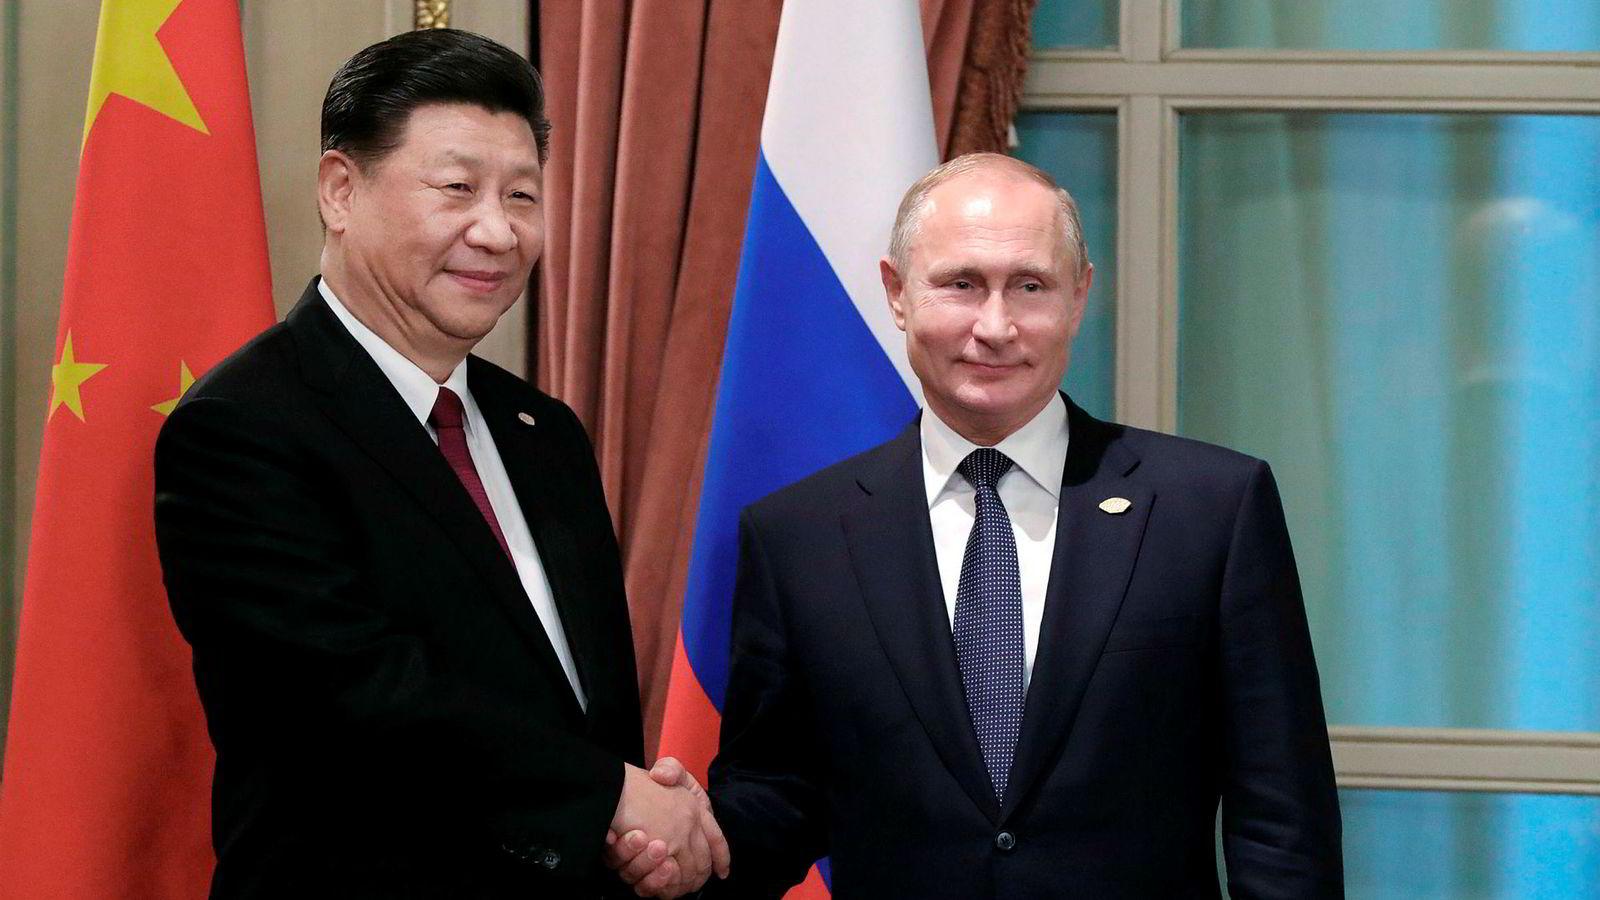 Forholdet mellom bjørnen og dragen havarerte i 1961. Dette er nå glemt. Avholdsmannen Putin er så ivrig på gode relasjoner at han skåler i sprit med Xi, skriver artikkelforfatteren. Her under G20-møtet i Buenos Aires i november 2018.